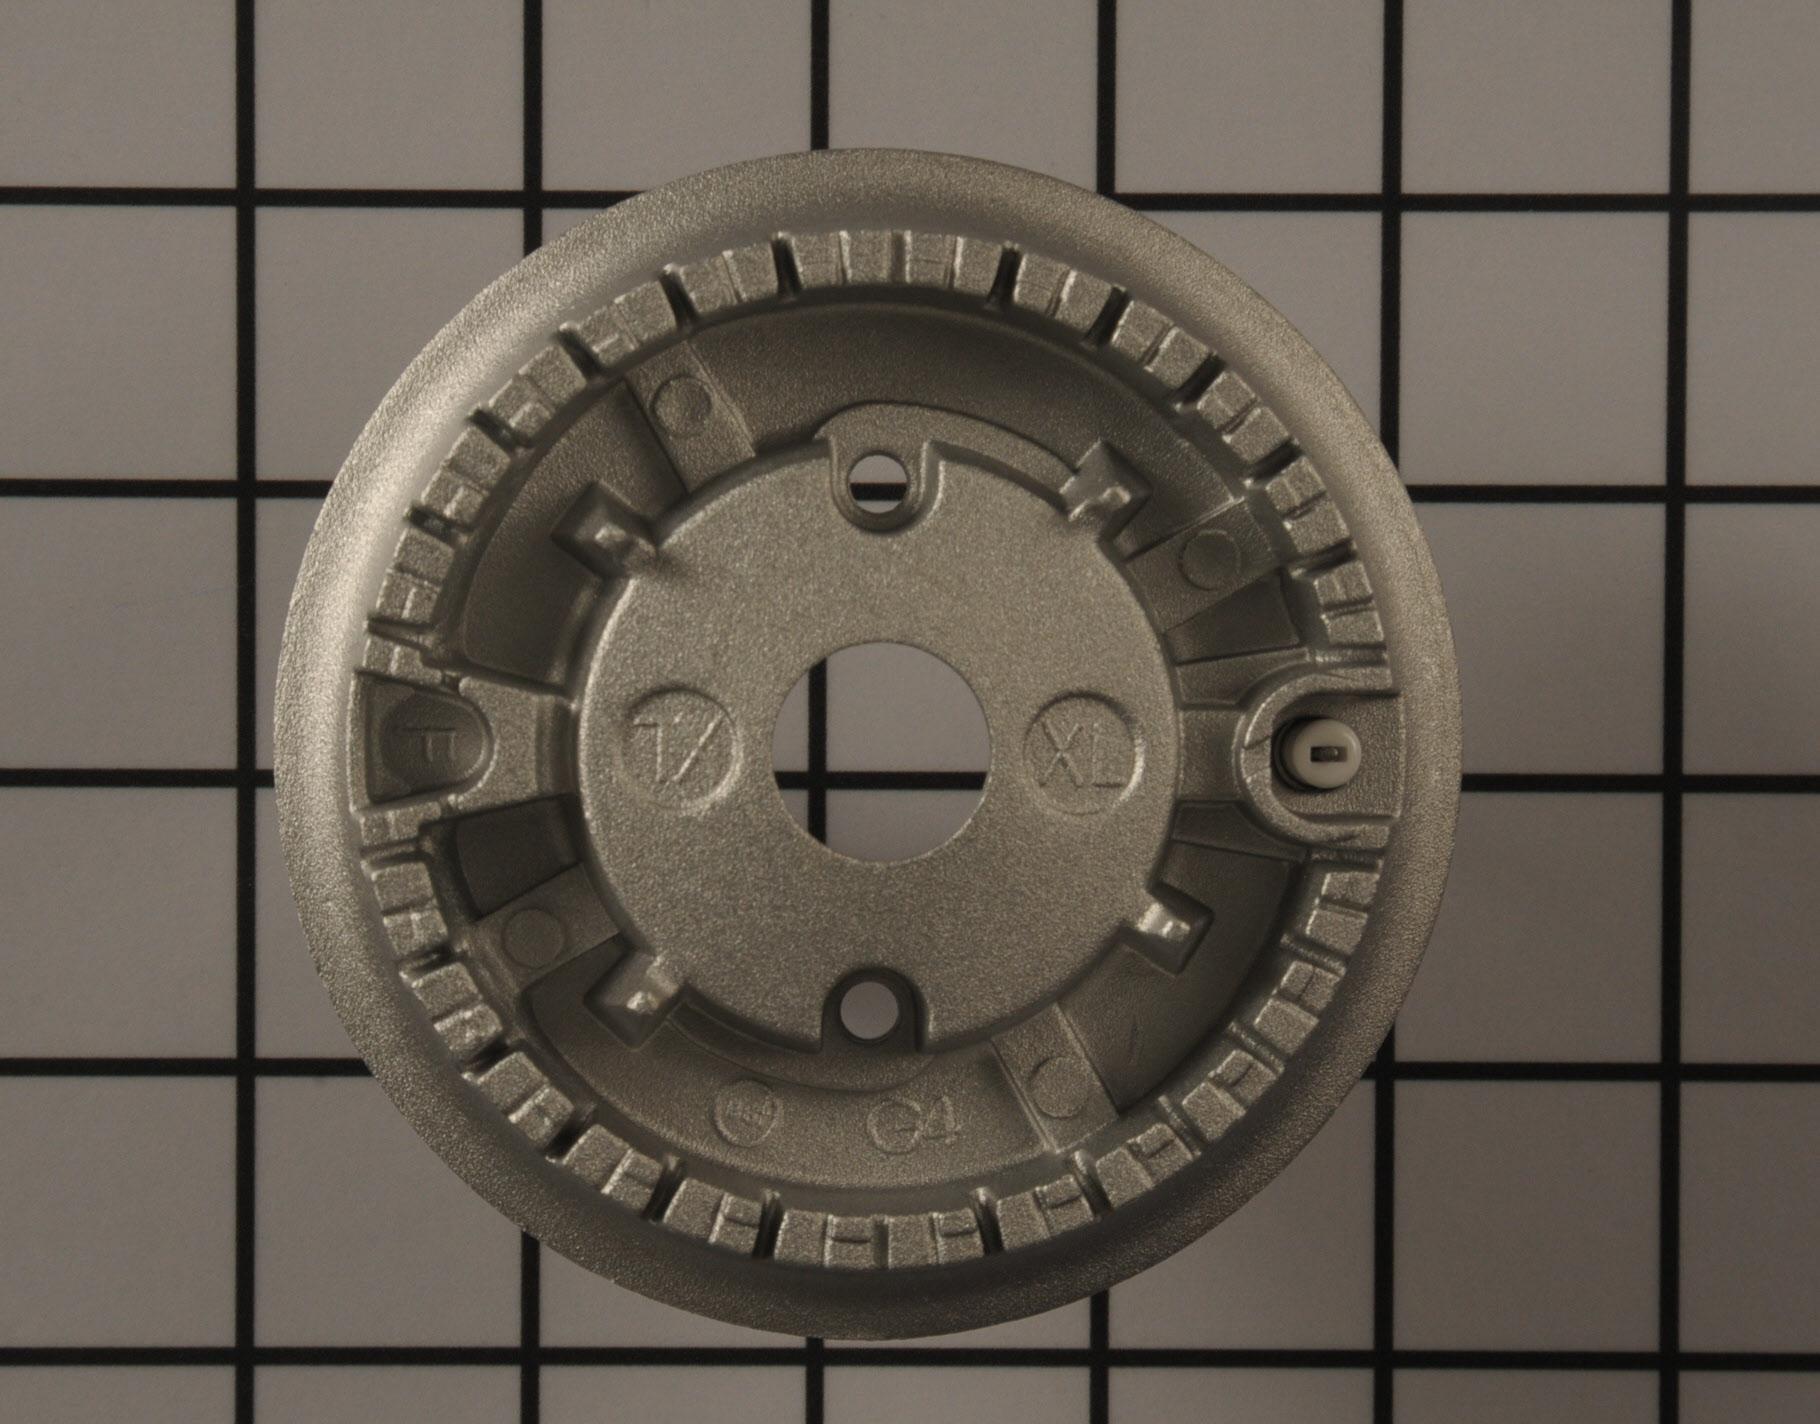 Amana Range/Stove/Oven Part # WPW10515455 - Surface Burner Base